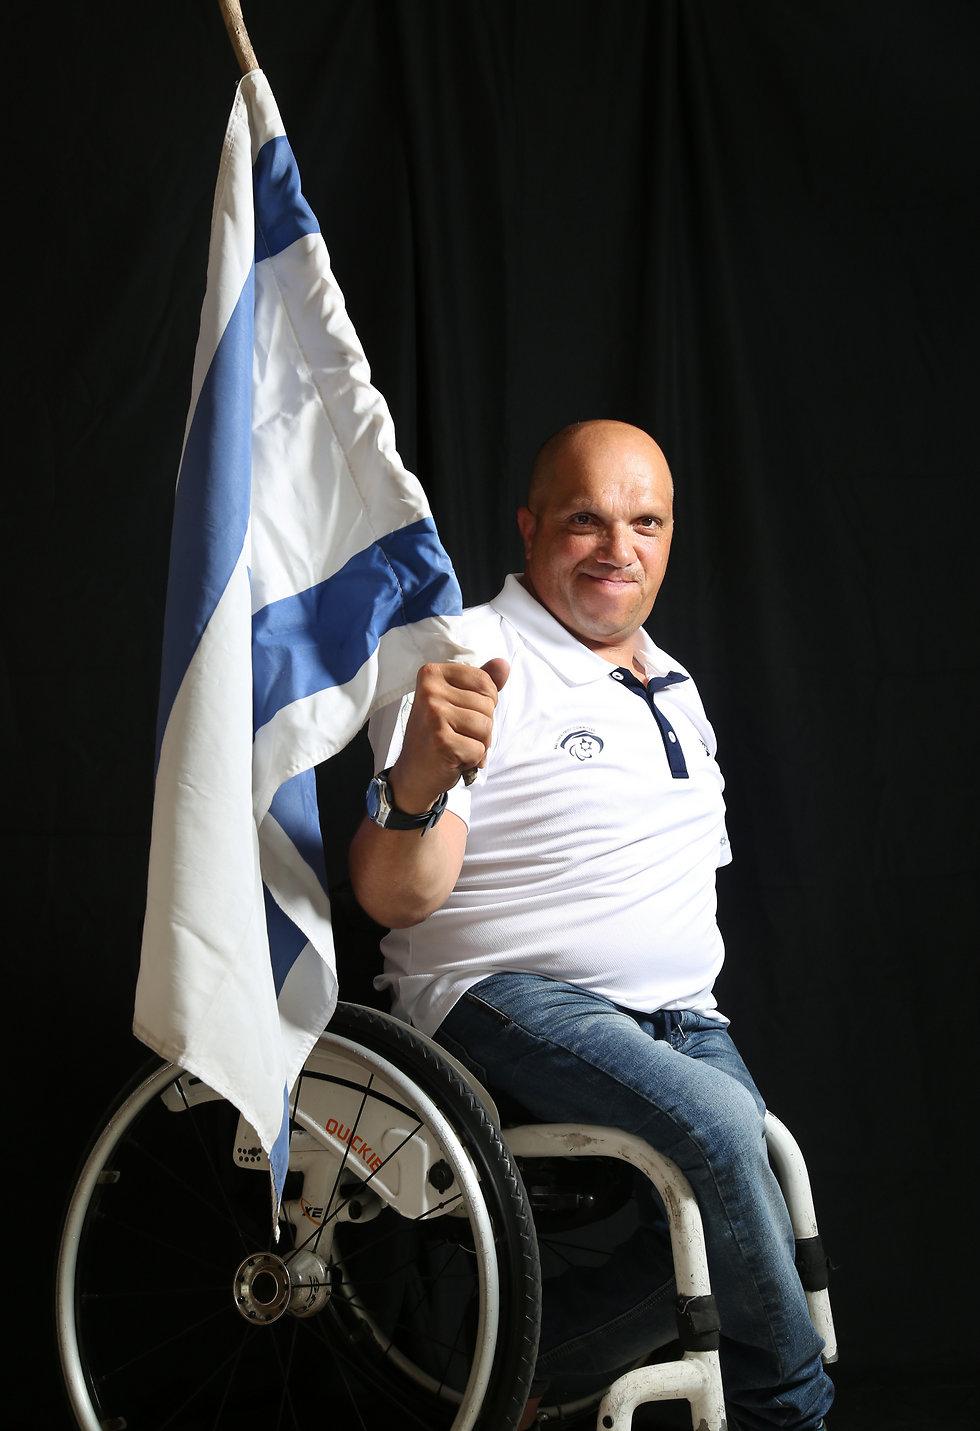 הניף את דגל ישראל בריו וממשיך לחבוט. ויינברג (צילום: ריאן פרויס) (צילום: ריאן פרויס)